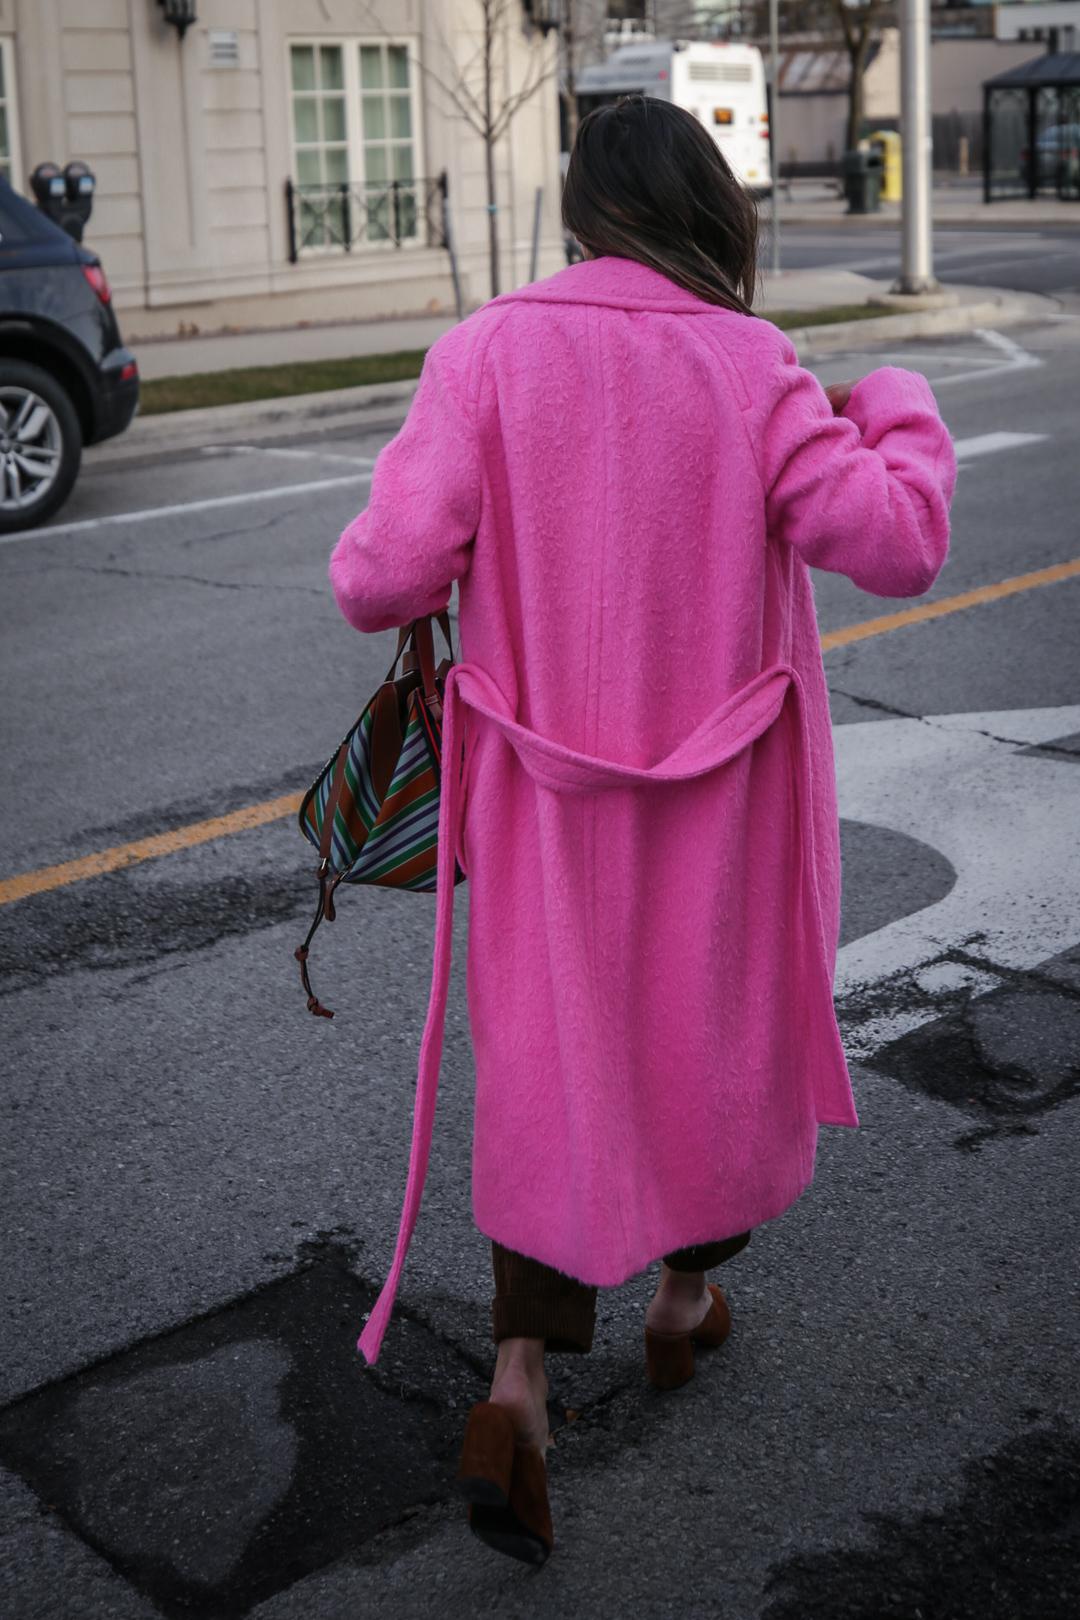 Nathalie Martin wearing Helmut Lang pink belt tie wool coat, brown corduroy pants, Zara brown textured sweater, Prada brown suede mules, Loewe striped Hammock bag, Bonlook Class sunglasses, street style, woahstyle.com_5093.jpg